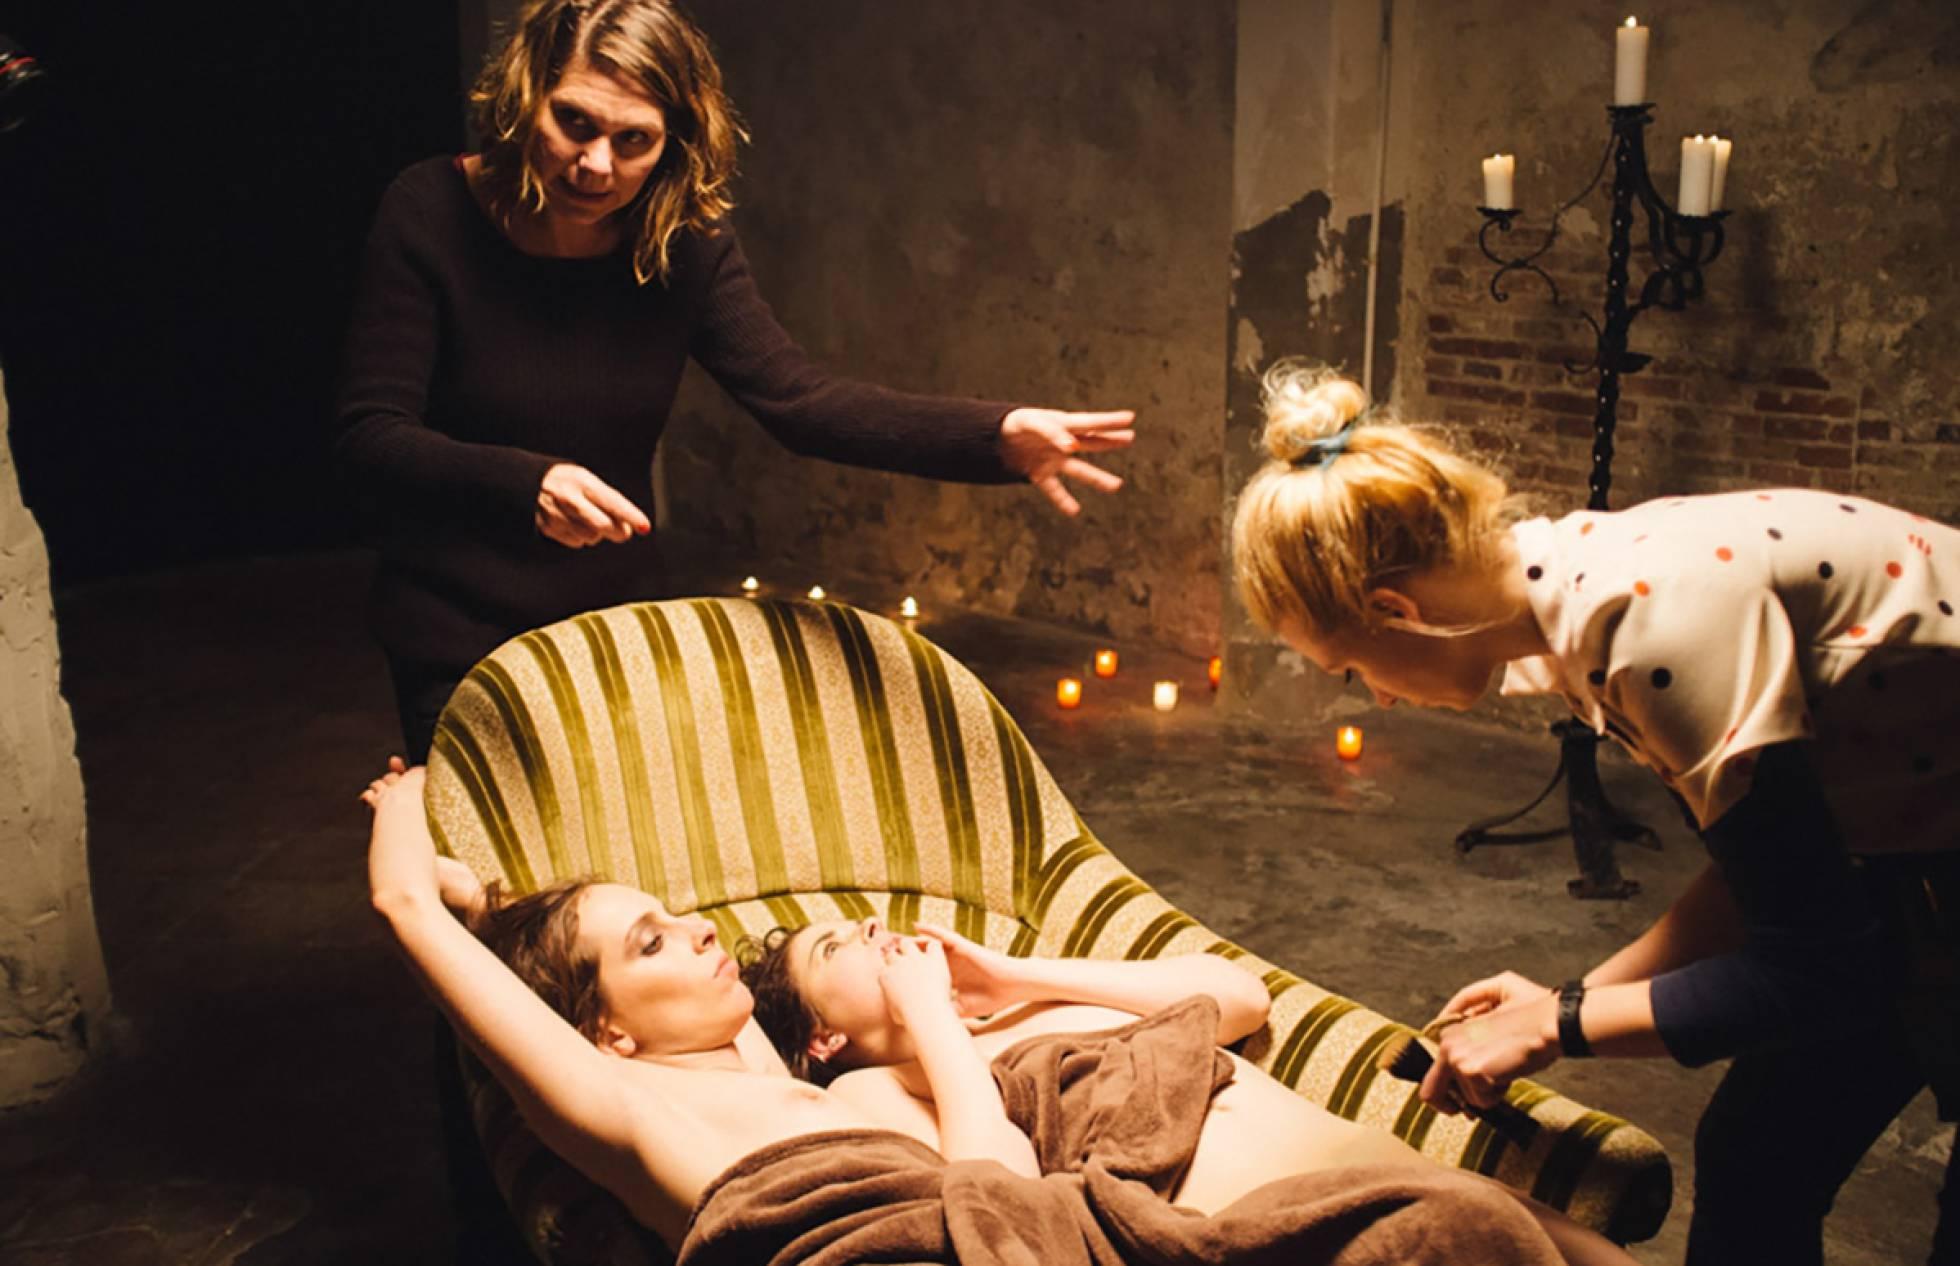 La directora Erika Lust (arriba, a la izquierda), durante uno de sus rodajes.